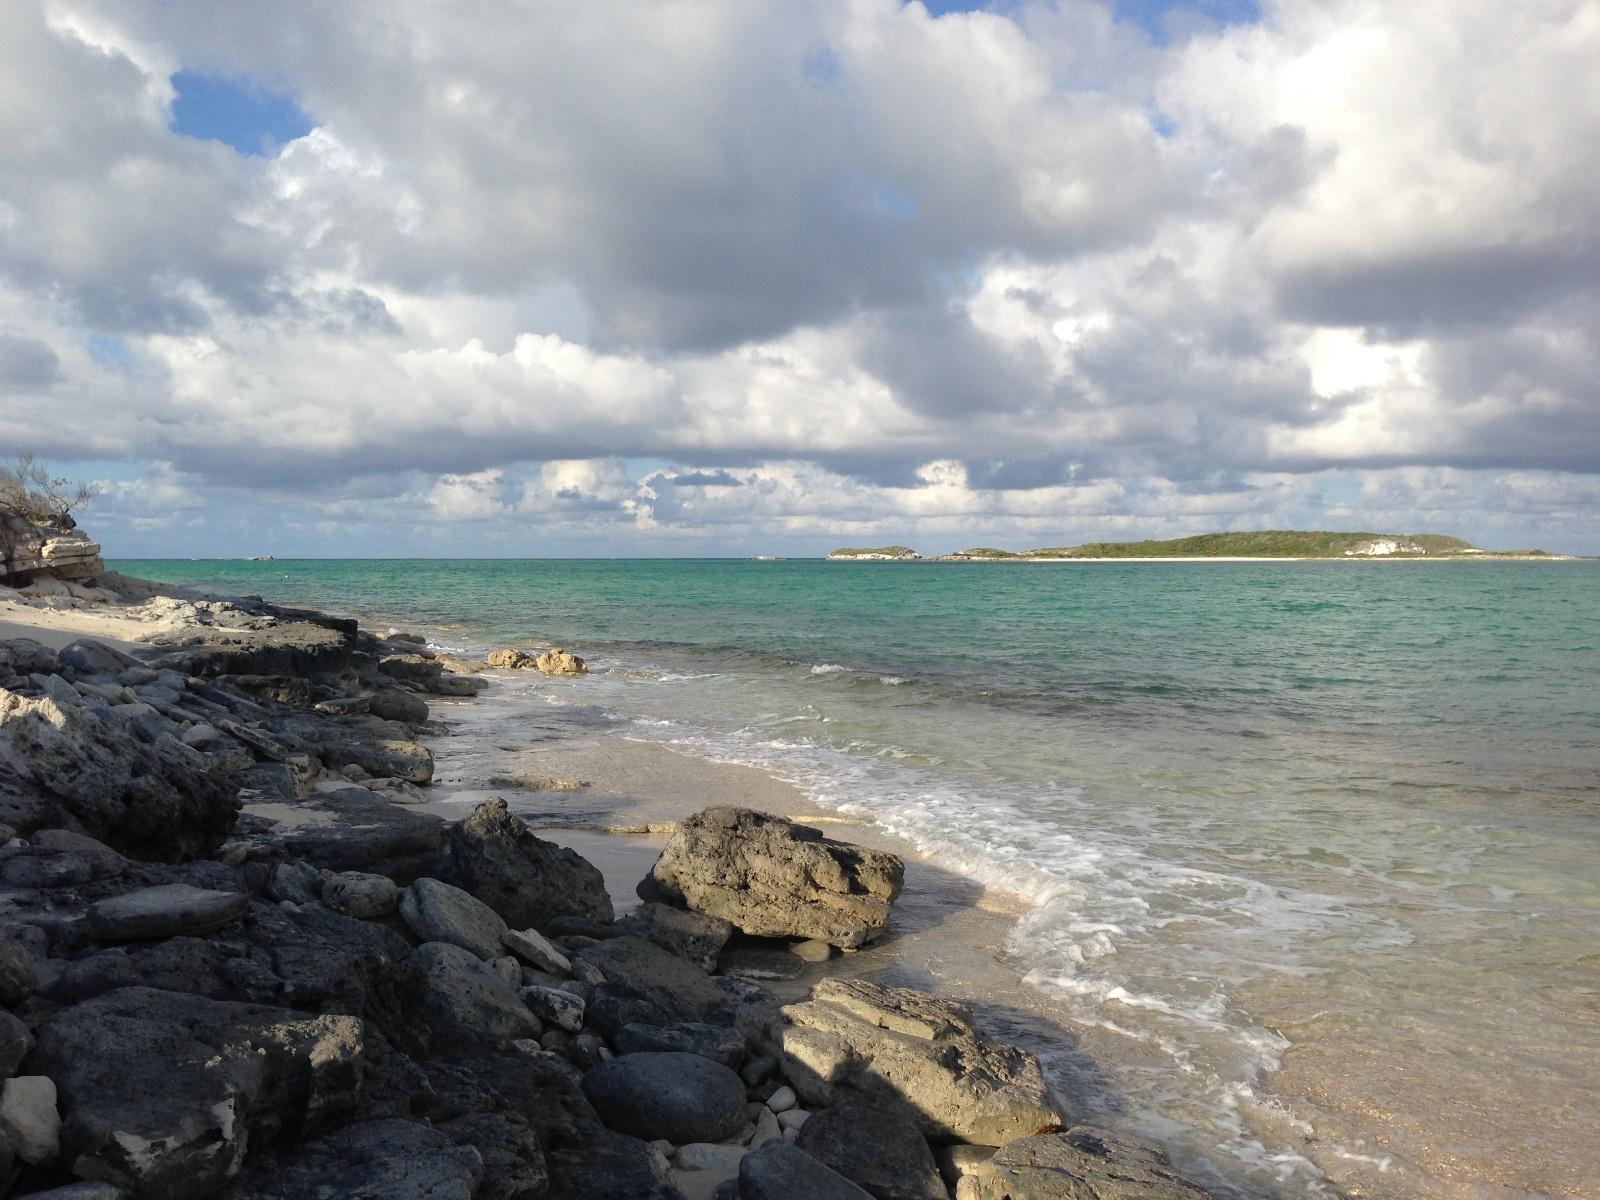 Land for Sale at Beachfront lot in San Salvador Columbus Landings, San Salvador, Bahamas